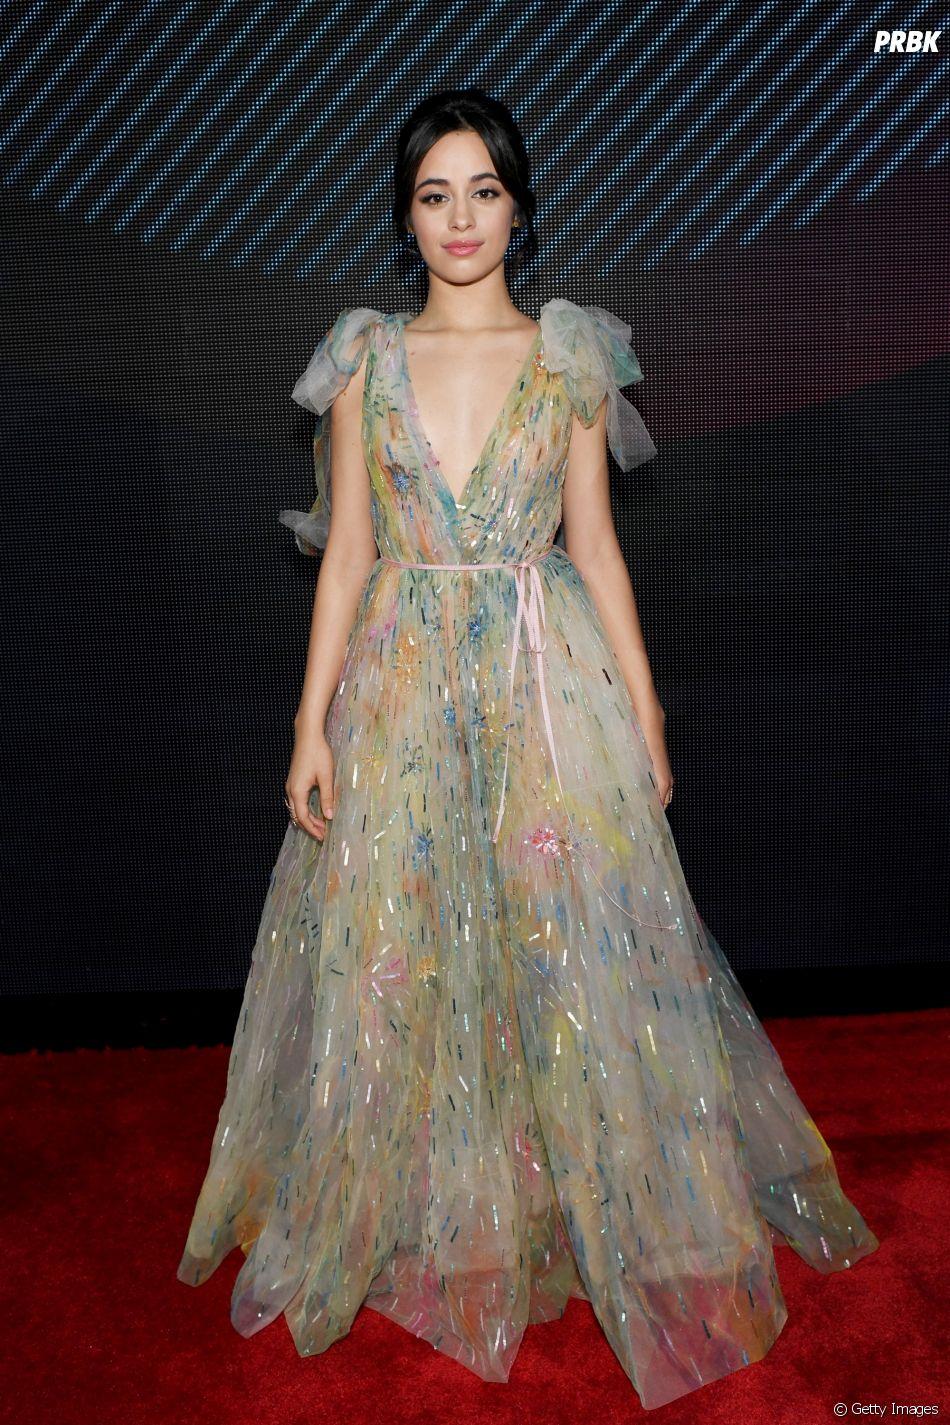 Camila Cabello combinou a meiguice do vestido com um decote ousadinho